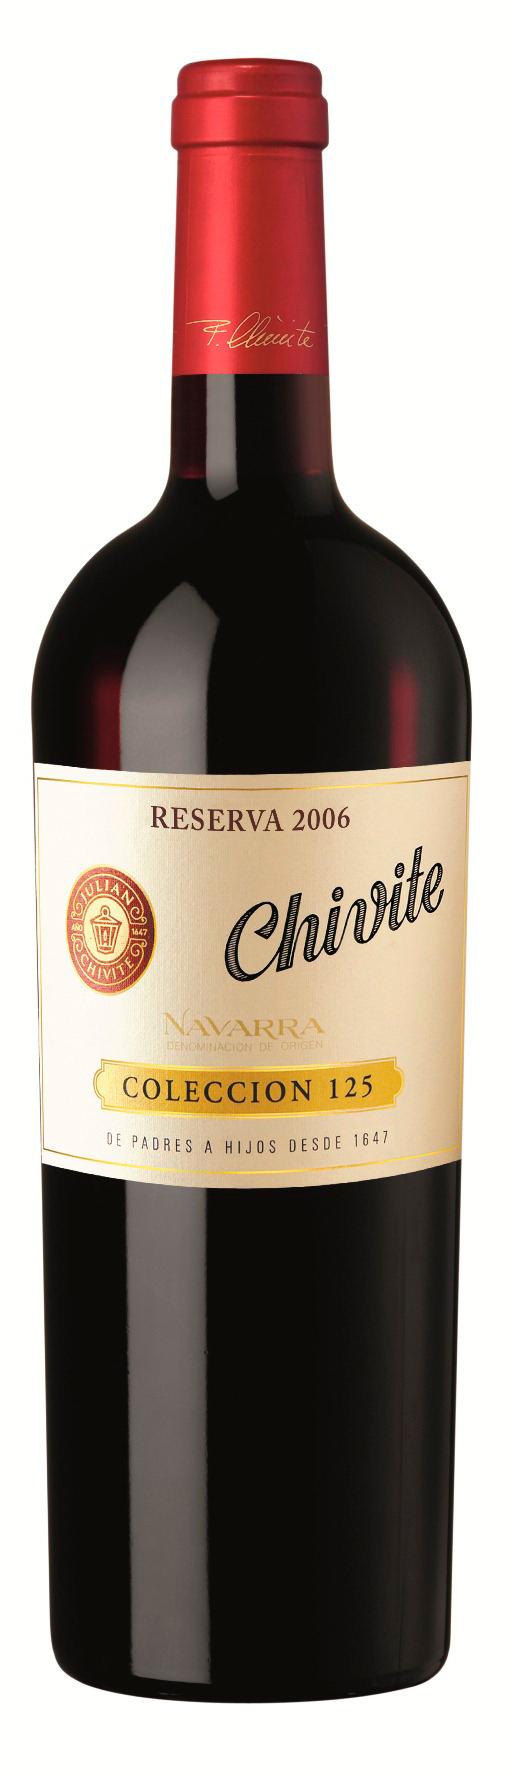 Chivite Coleccion 125 Navarra Reserva 2010